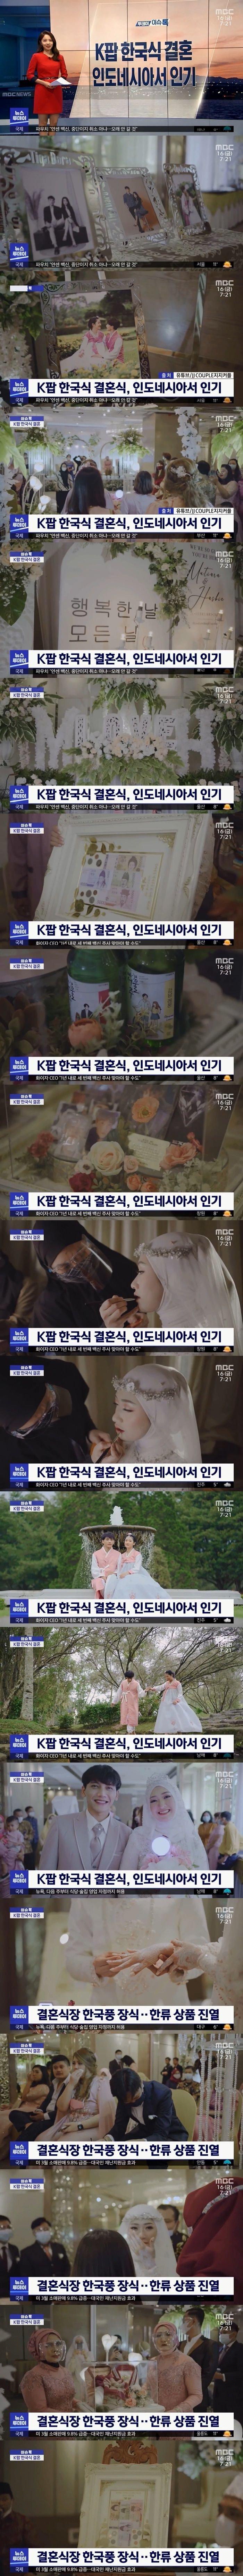 인도네시아에서 인기라는 K팝 한국식 결혼식 - 꾸르